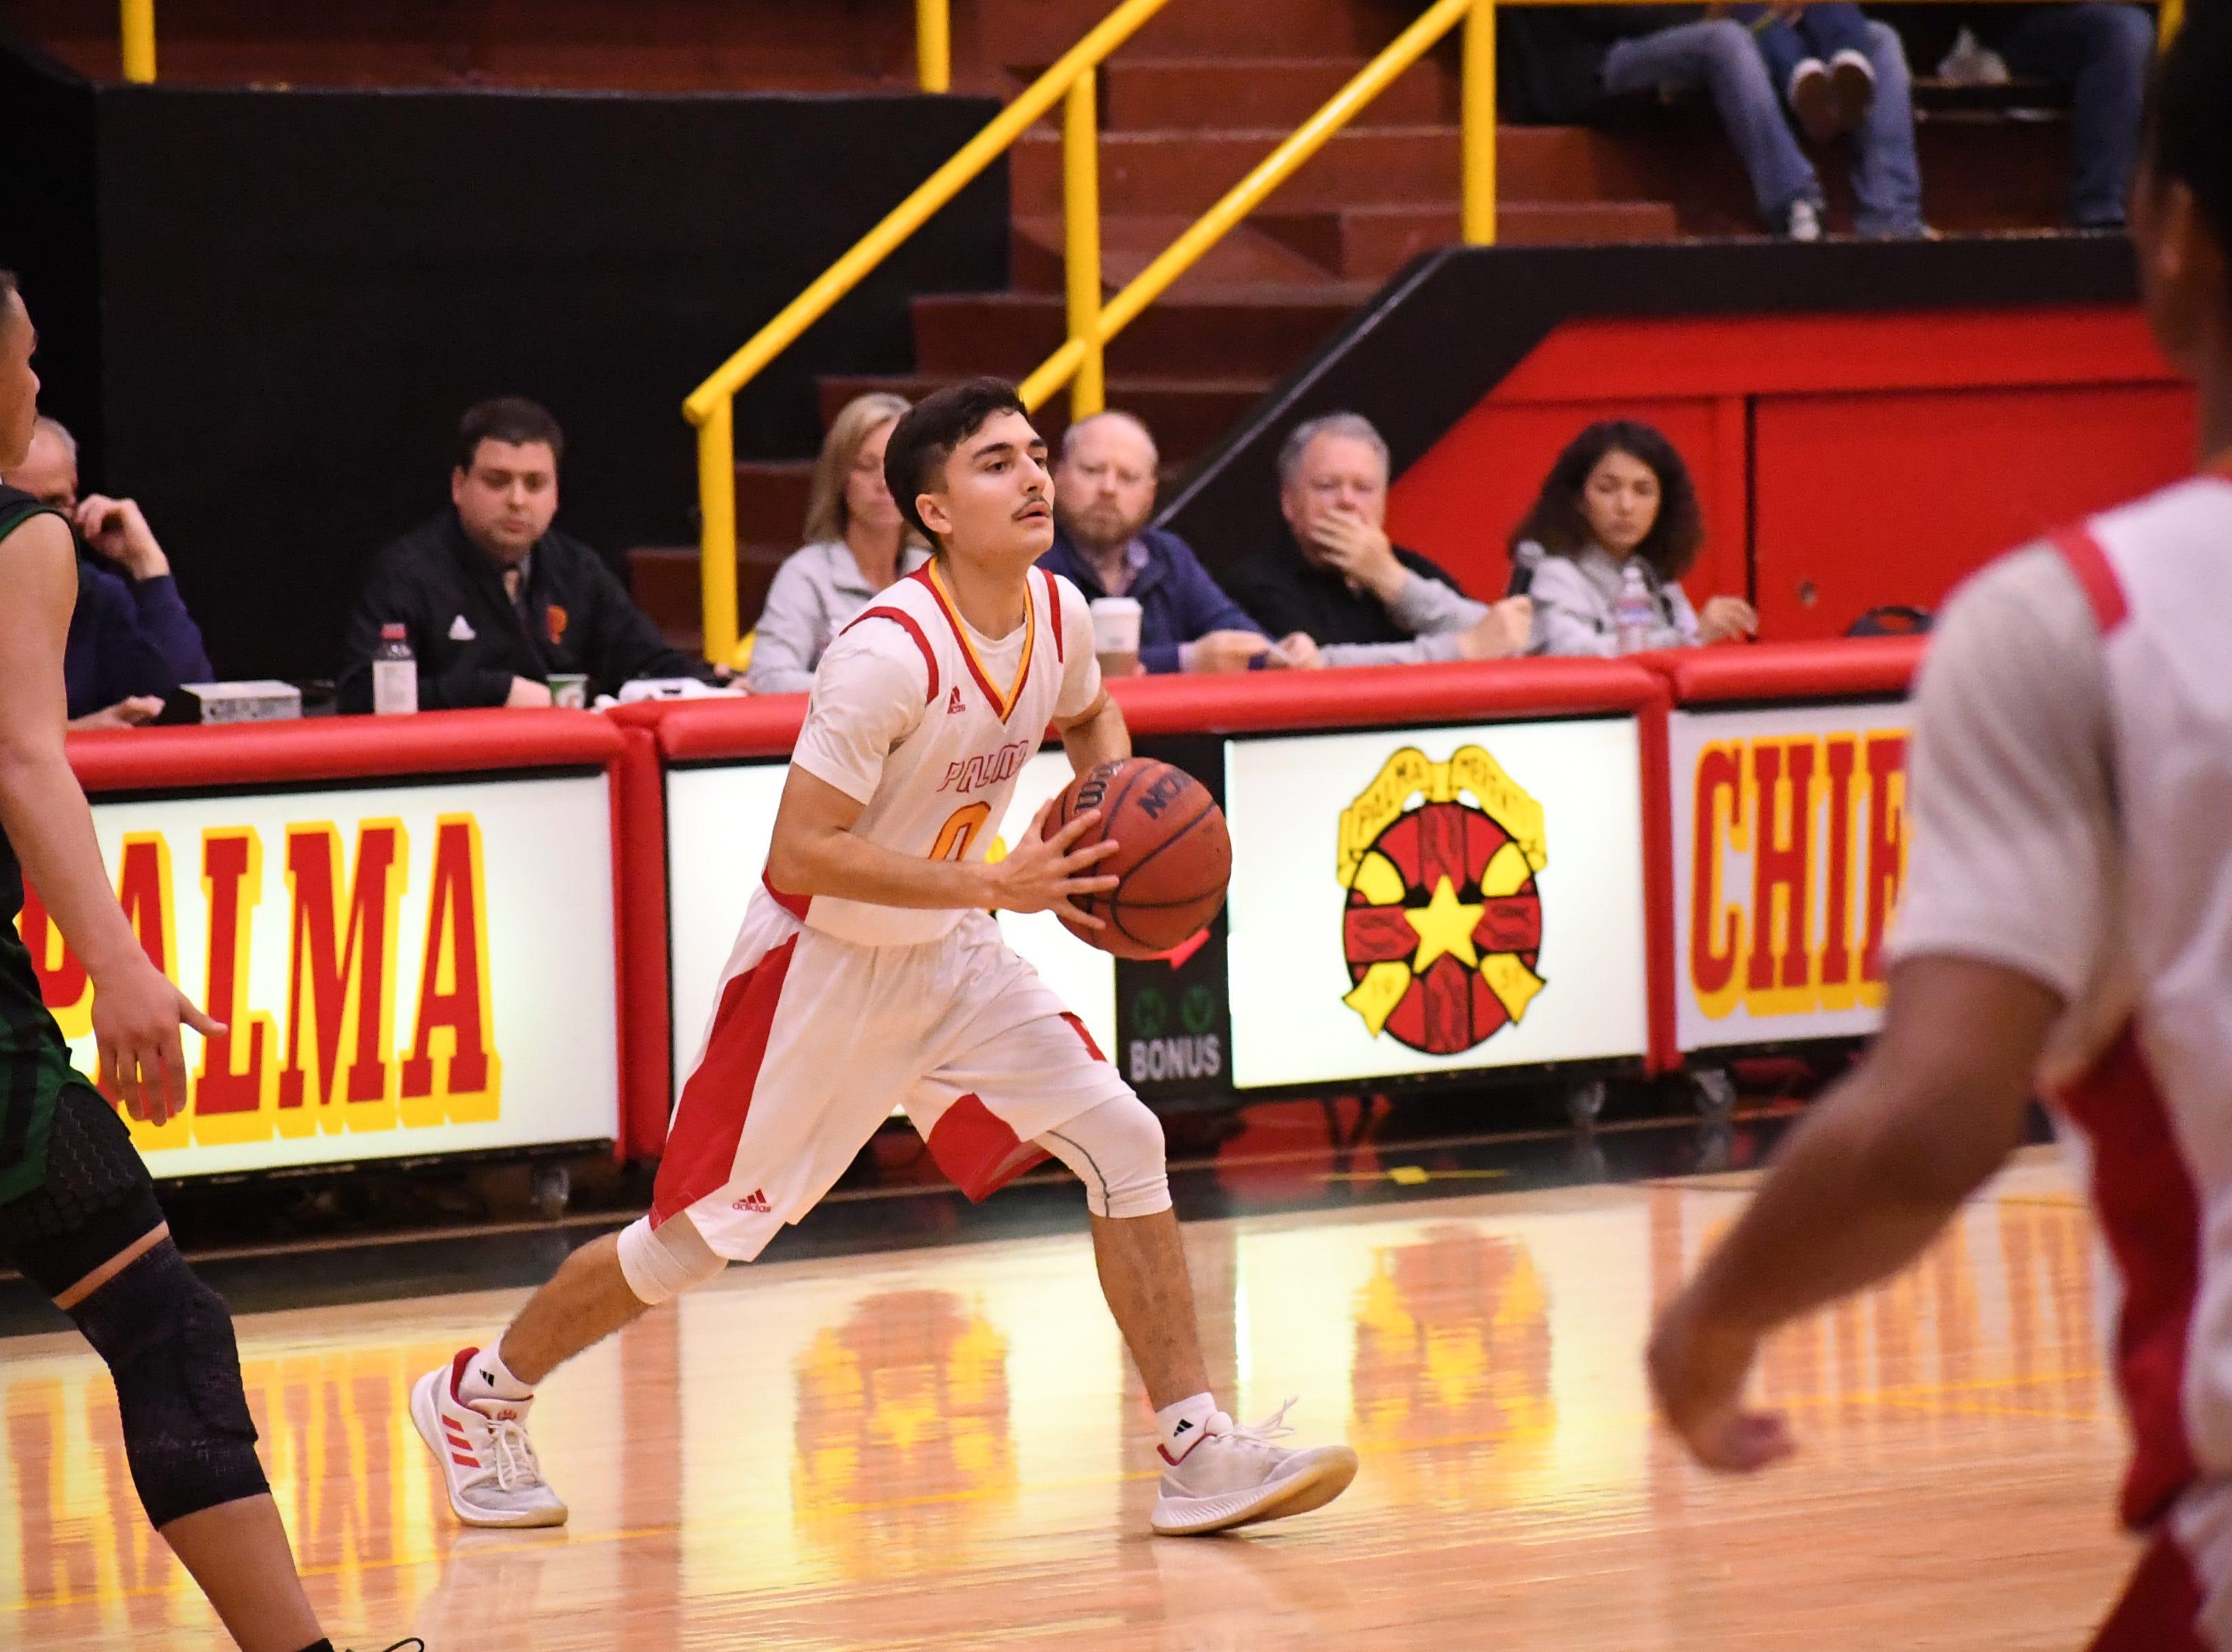 Palma guard AJ Suniga (0) passes to a teammate.